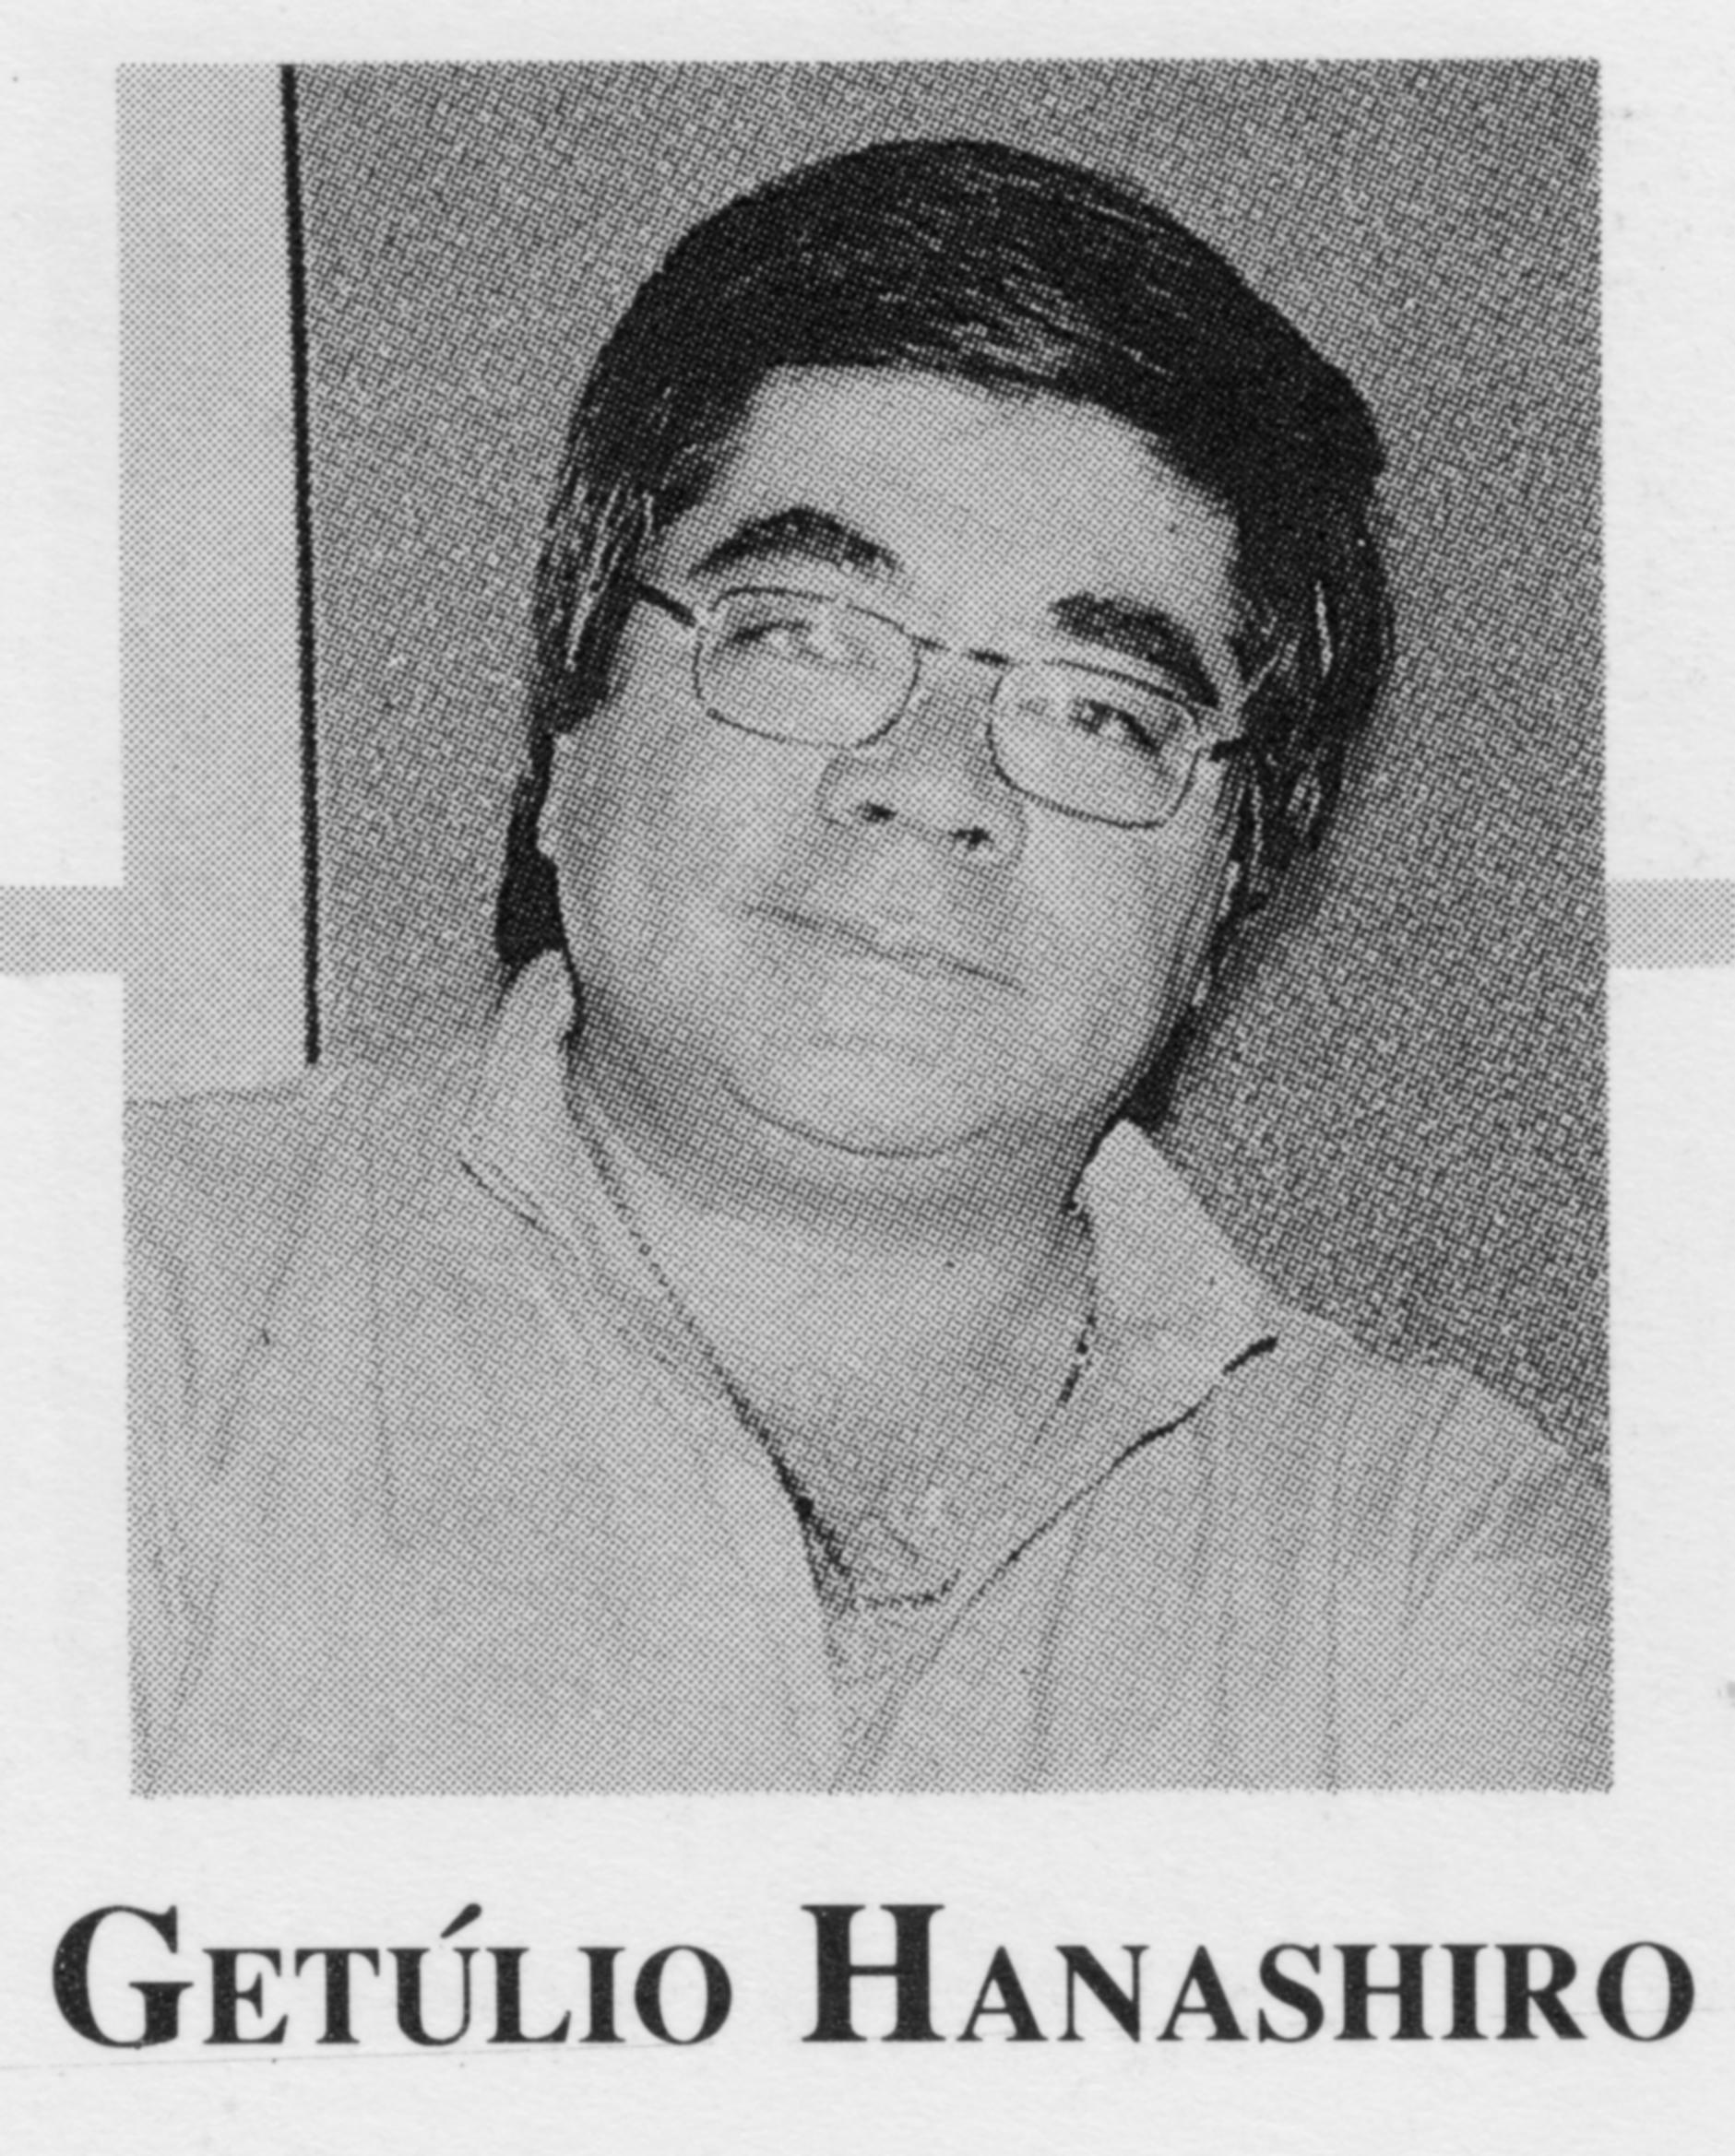 Getúlio Hanashiro